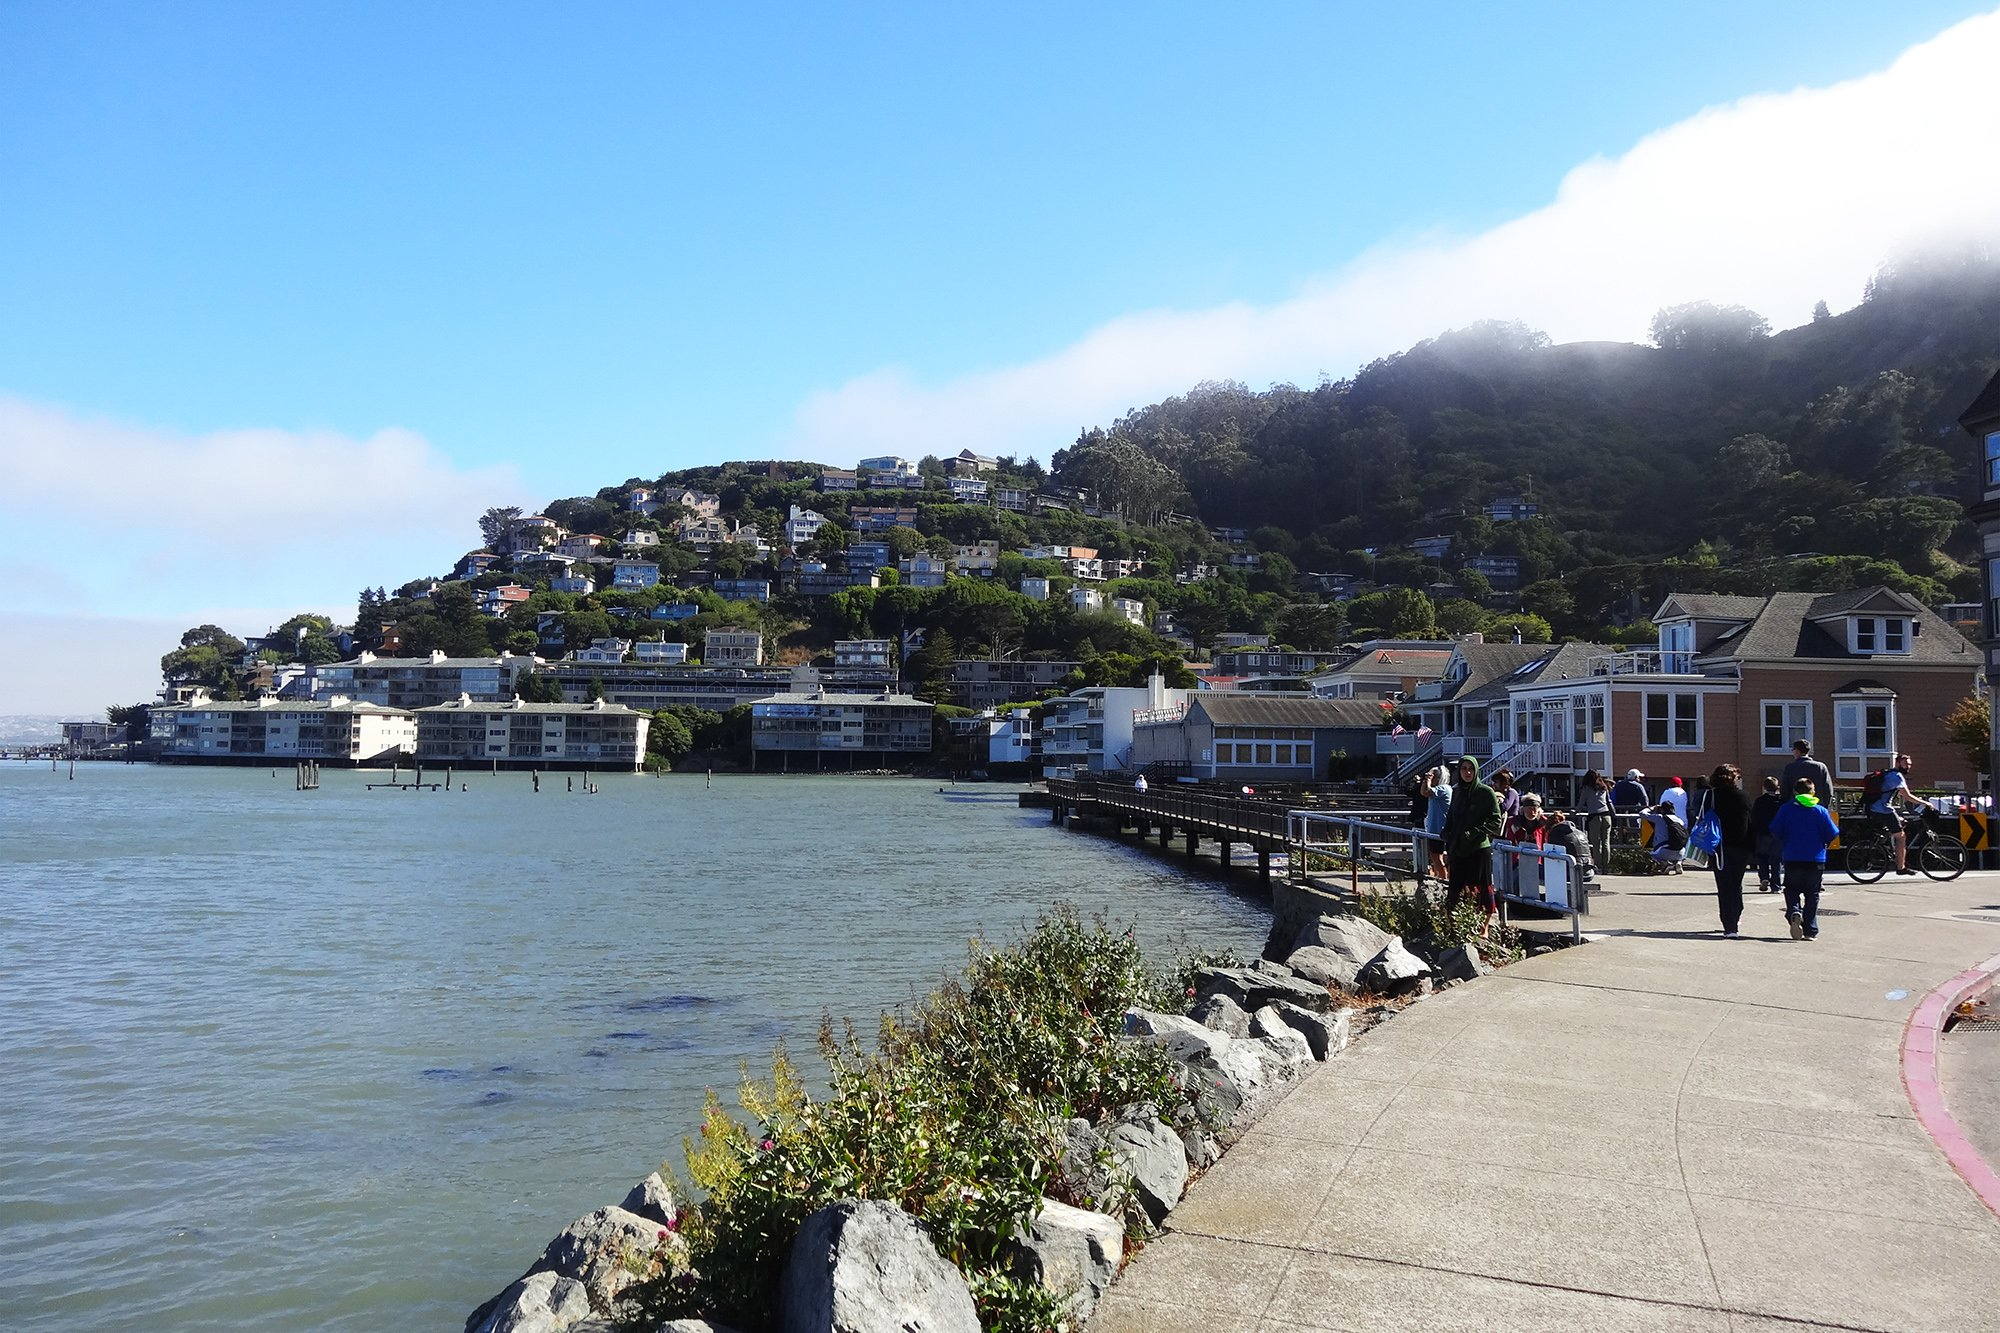 San Francisco to Sausalito bike ride